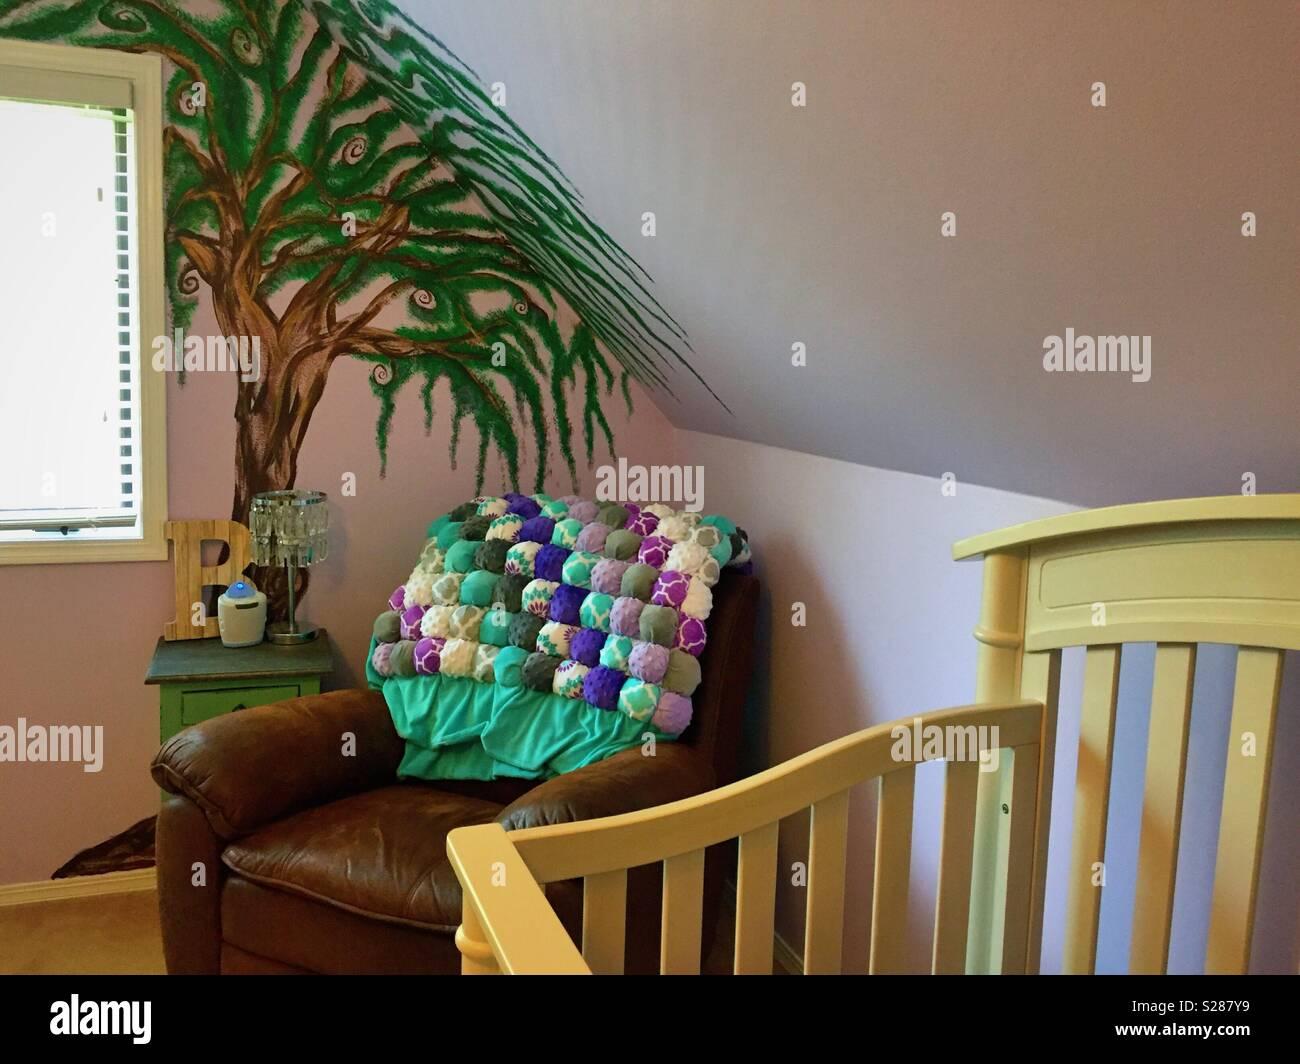 Kinderzimmer mit Kinderbett und handgemalten Baum Wandbild auf der ...